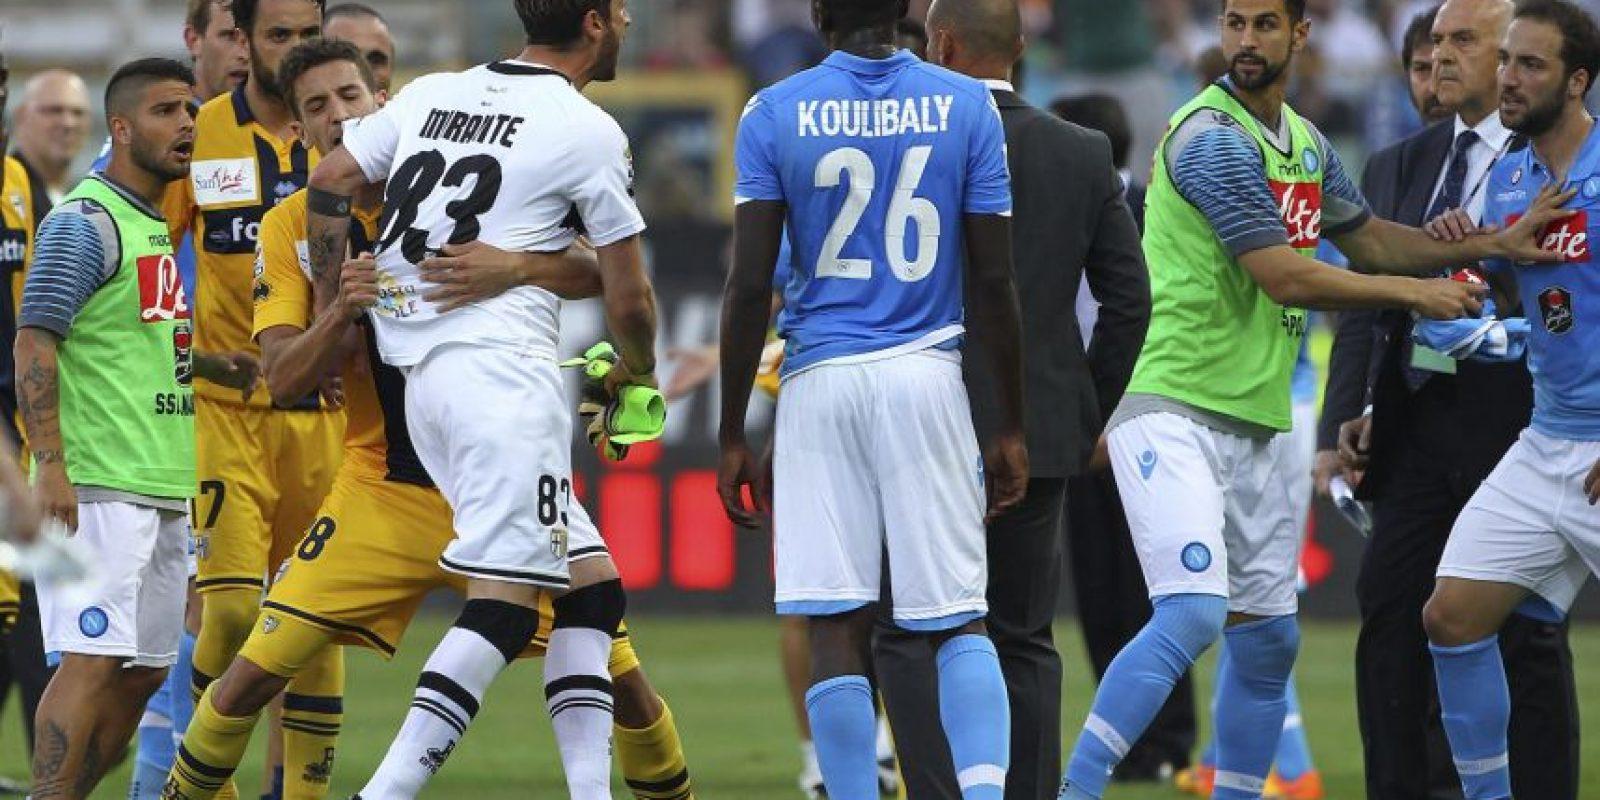 El delantero argentino enfureció y se le fue encima a Mirante, pero los compañeros de ambos evitaron que llegaran a los golpes. Foto:Getty Images